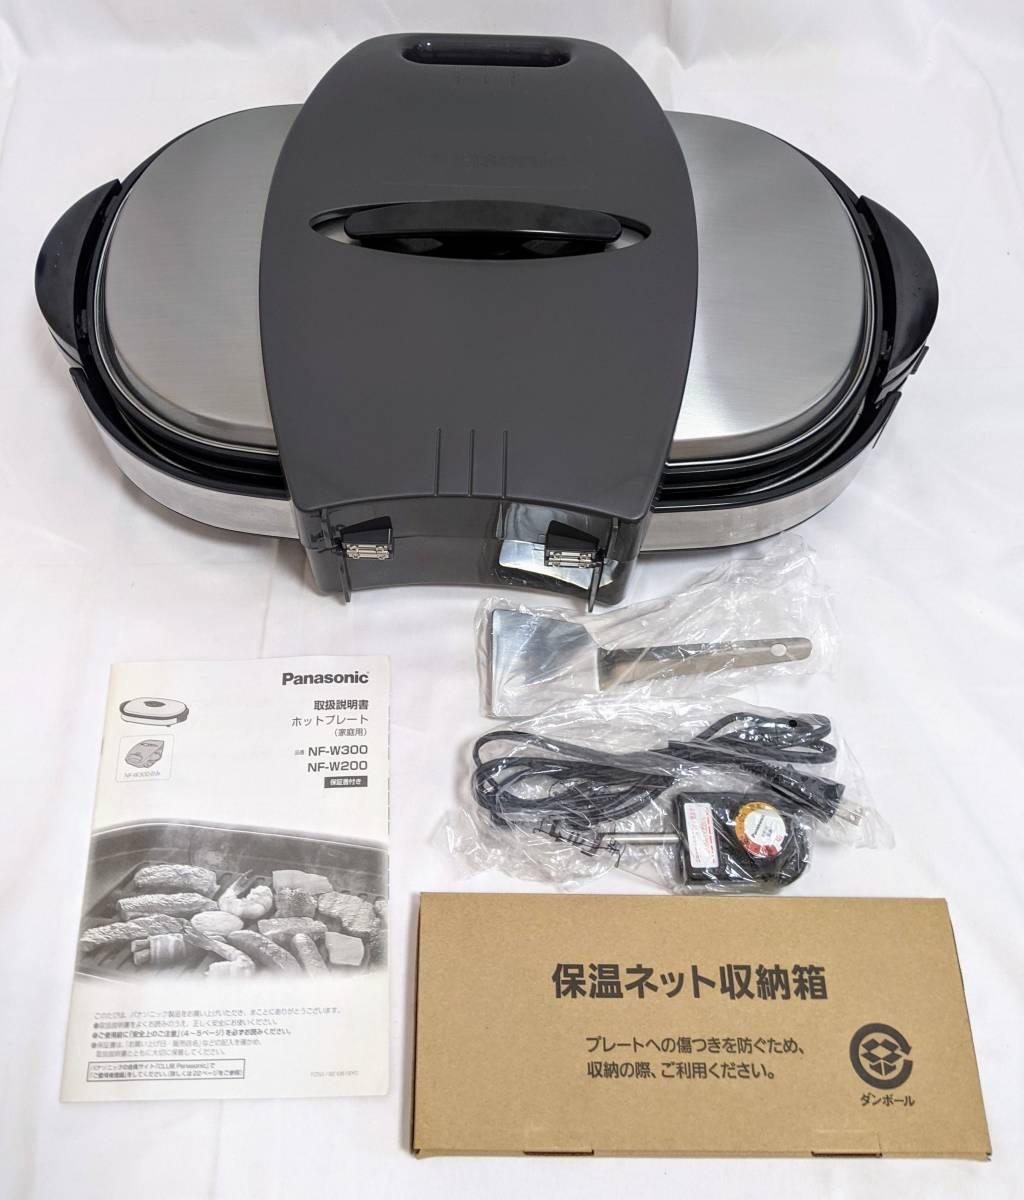 パナソニック ホットプレート 平面+焼肉+たこ焼き シルバー NF-W300-S